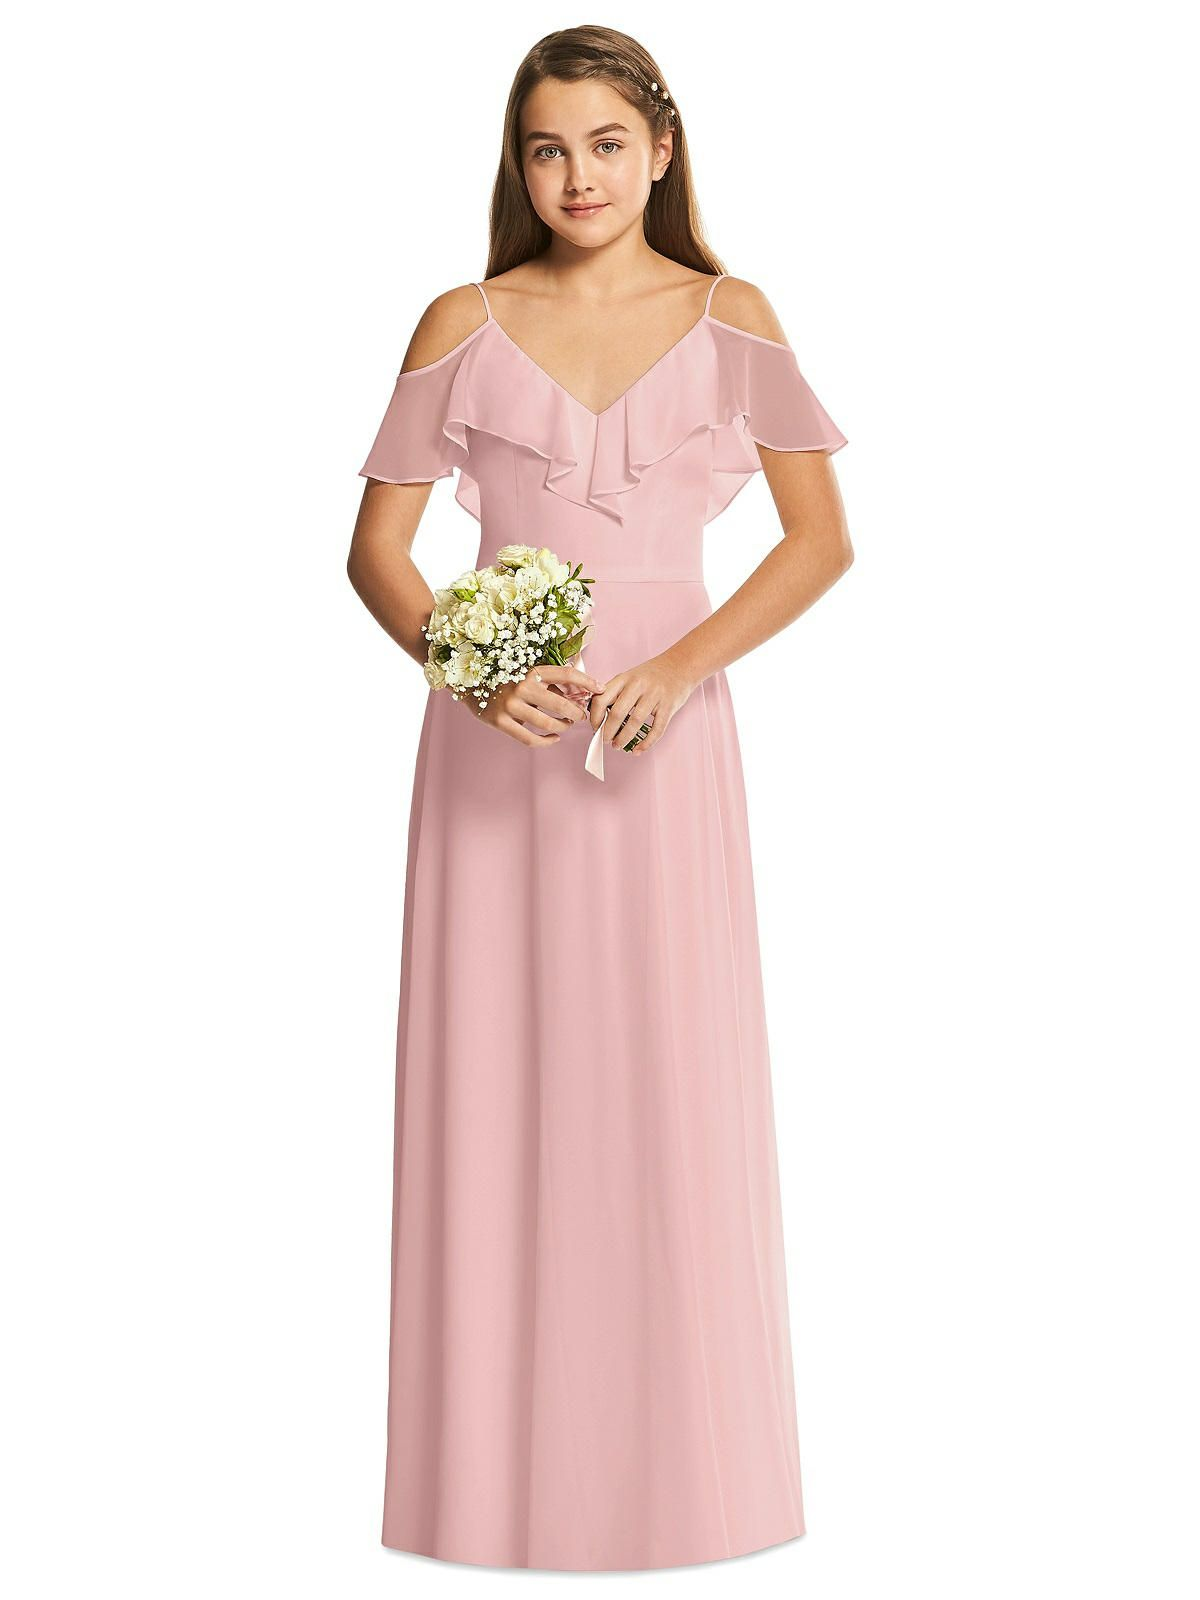 Dessy collection junior bridesmaid dress jr548 junior